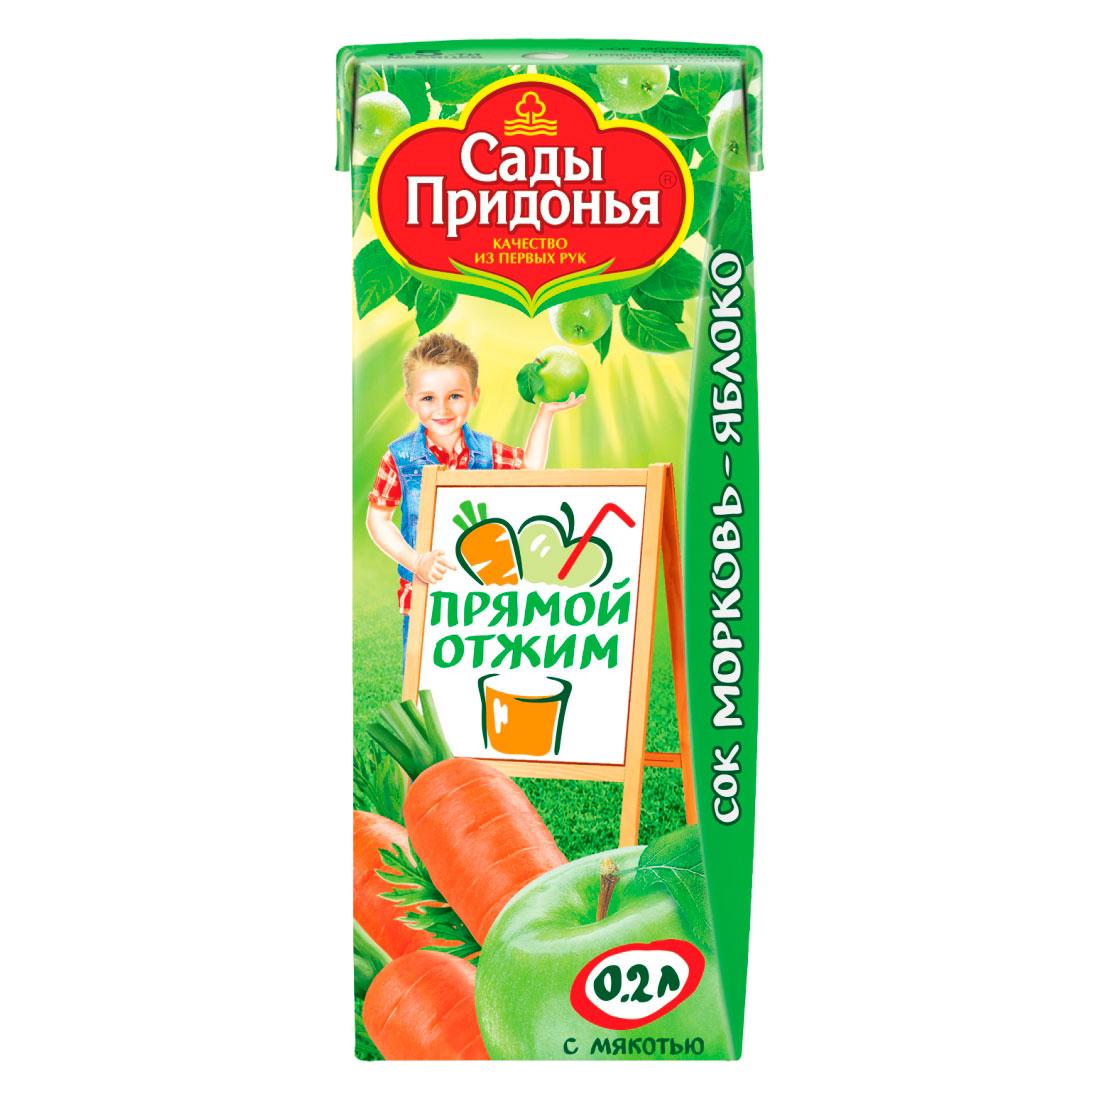 Сок Сады Придонья 200 мл (тетрапак) яблоко морковь прямого отжима с мякотью (с 5 мес)<br>